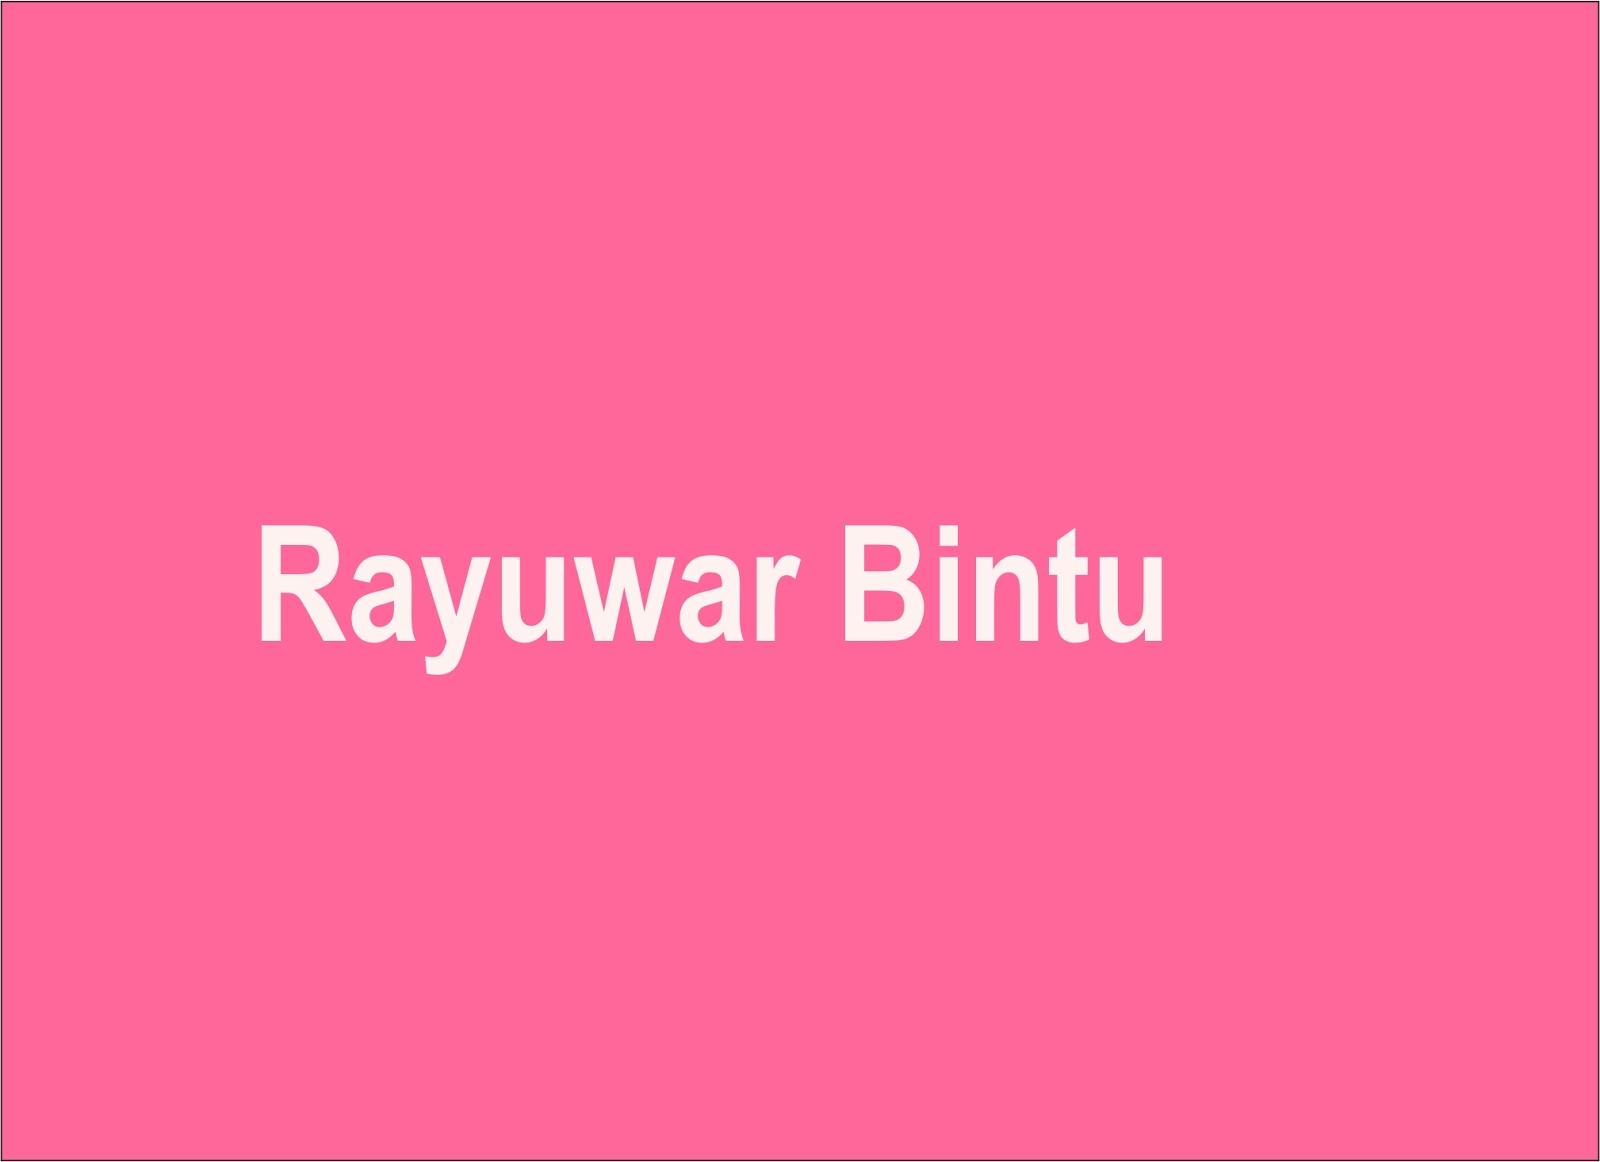 Rayuwar Bintu Complete hausa novels pdf - Gidan Labarai